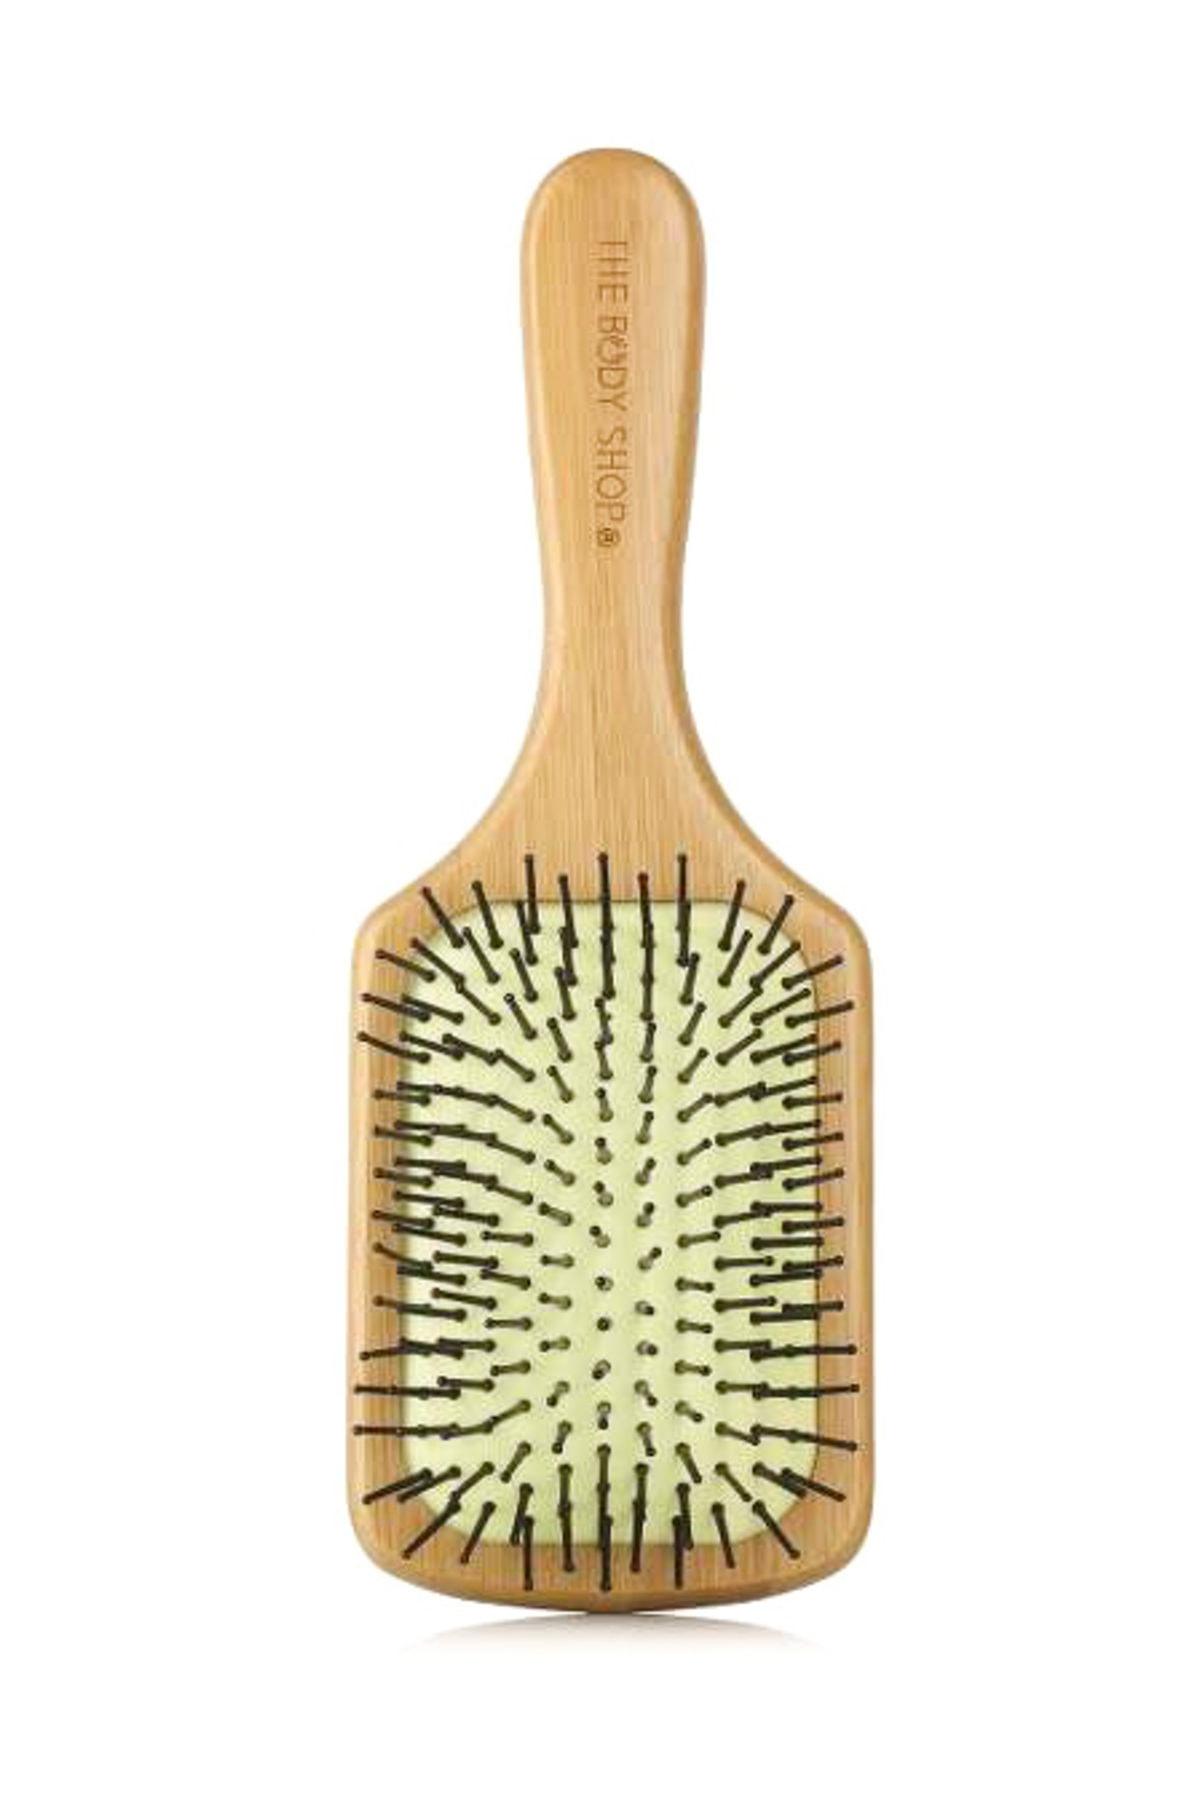 THE BODY SHOP Bambu Saç Fırçası (Büyük) 1